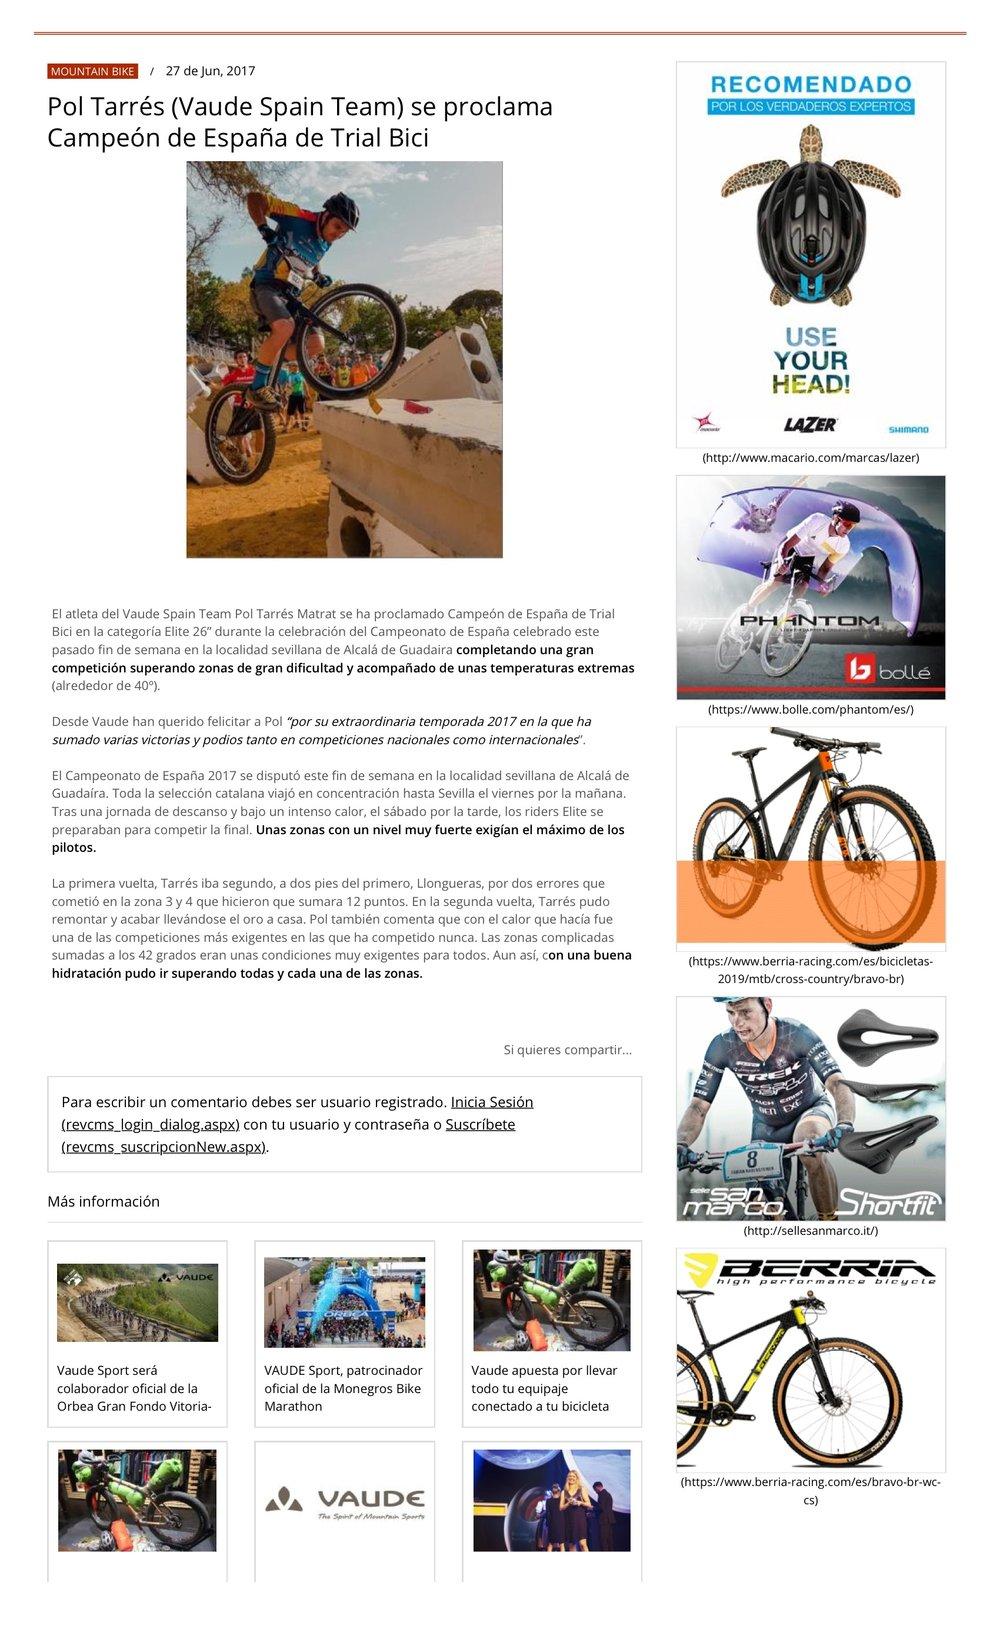 2017-6-27 Pol Tarrés (Vaude Spain Team) se proclama Campeón de España de Trial Bici - TradeBike & Tri - Bike and triathlon community 3.jpeg